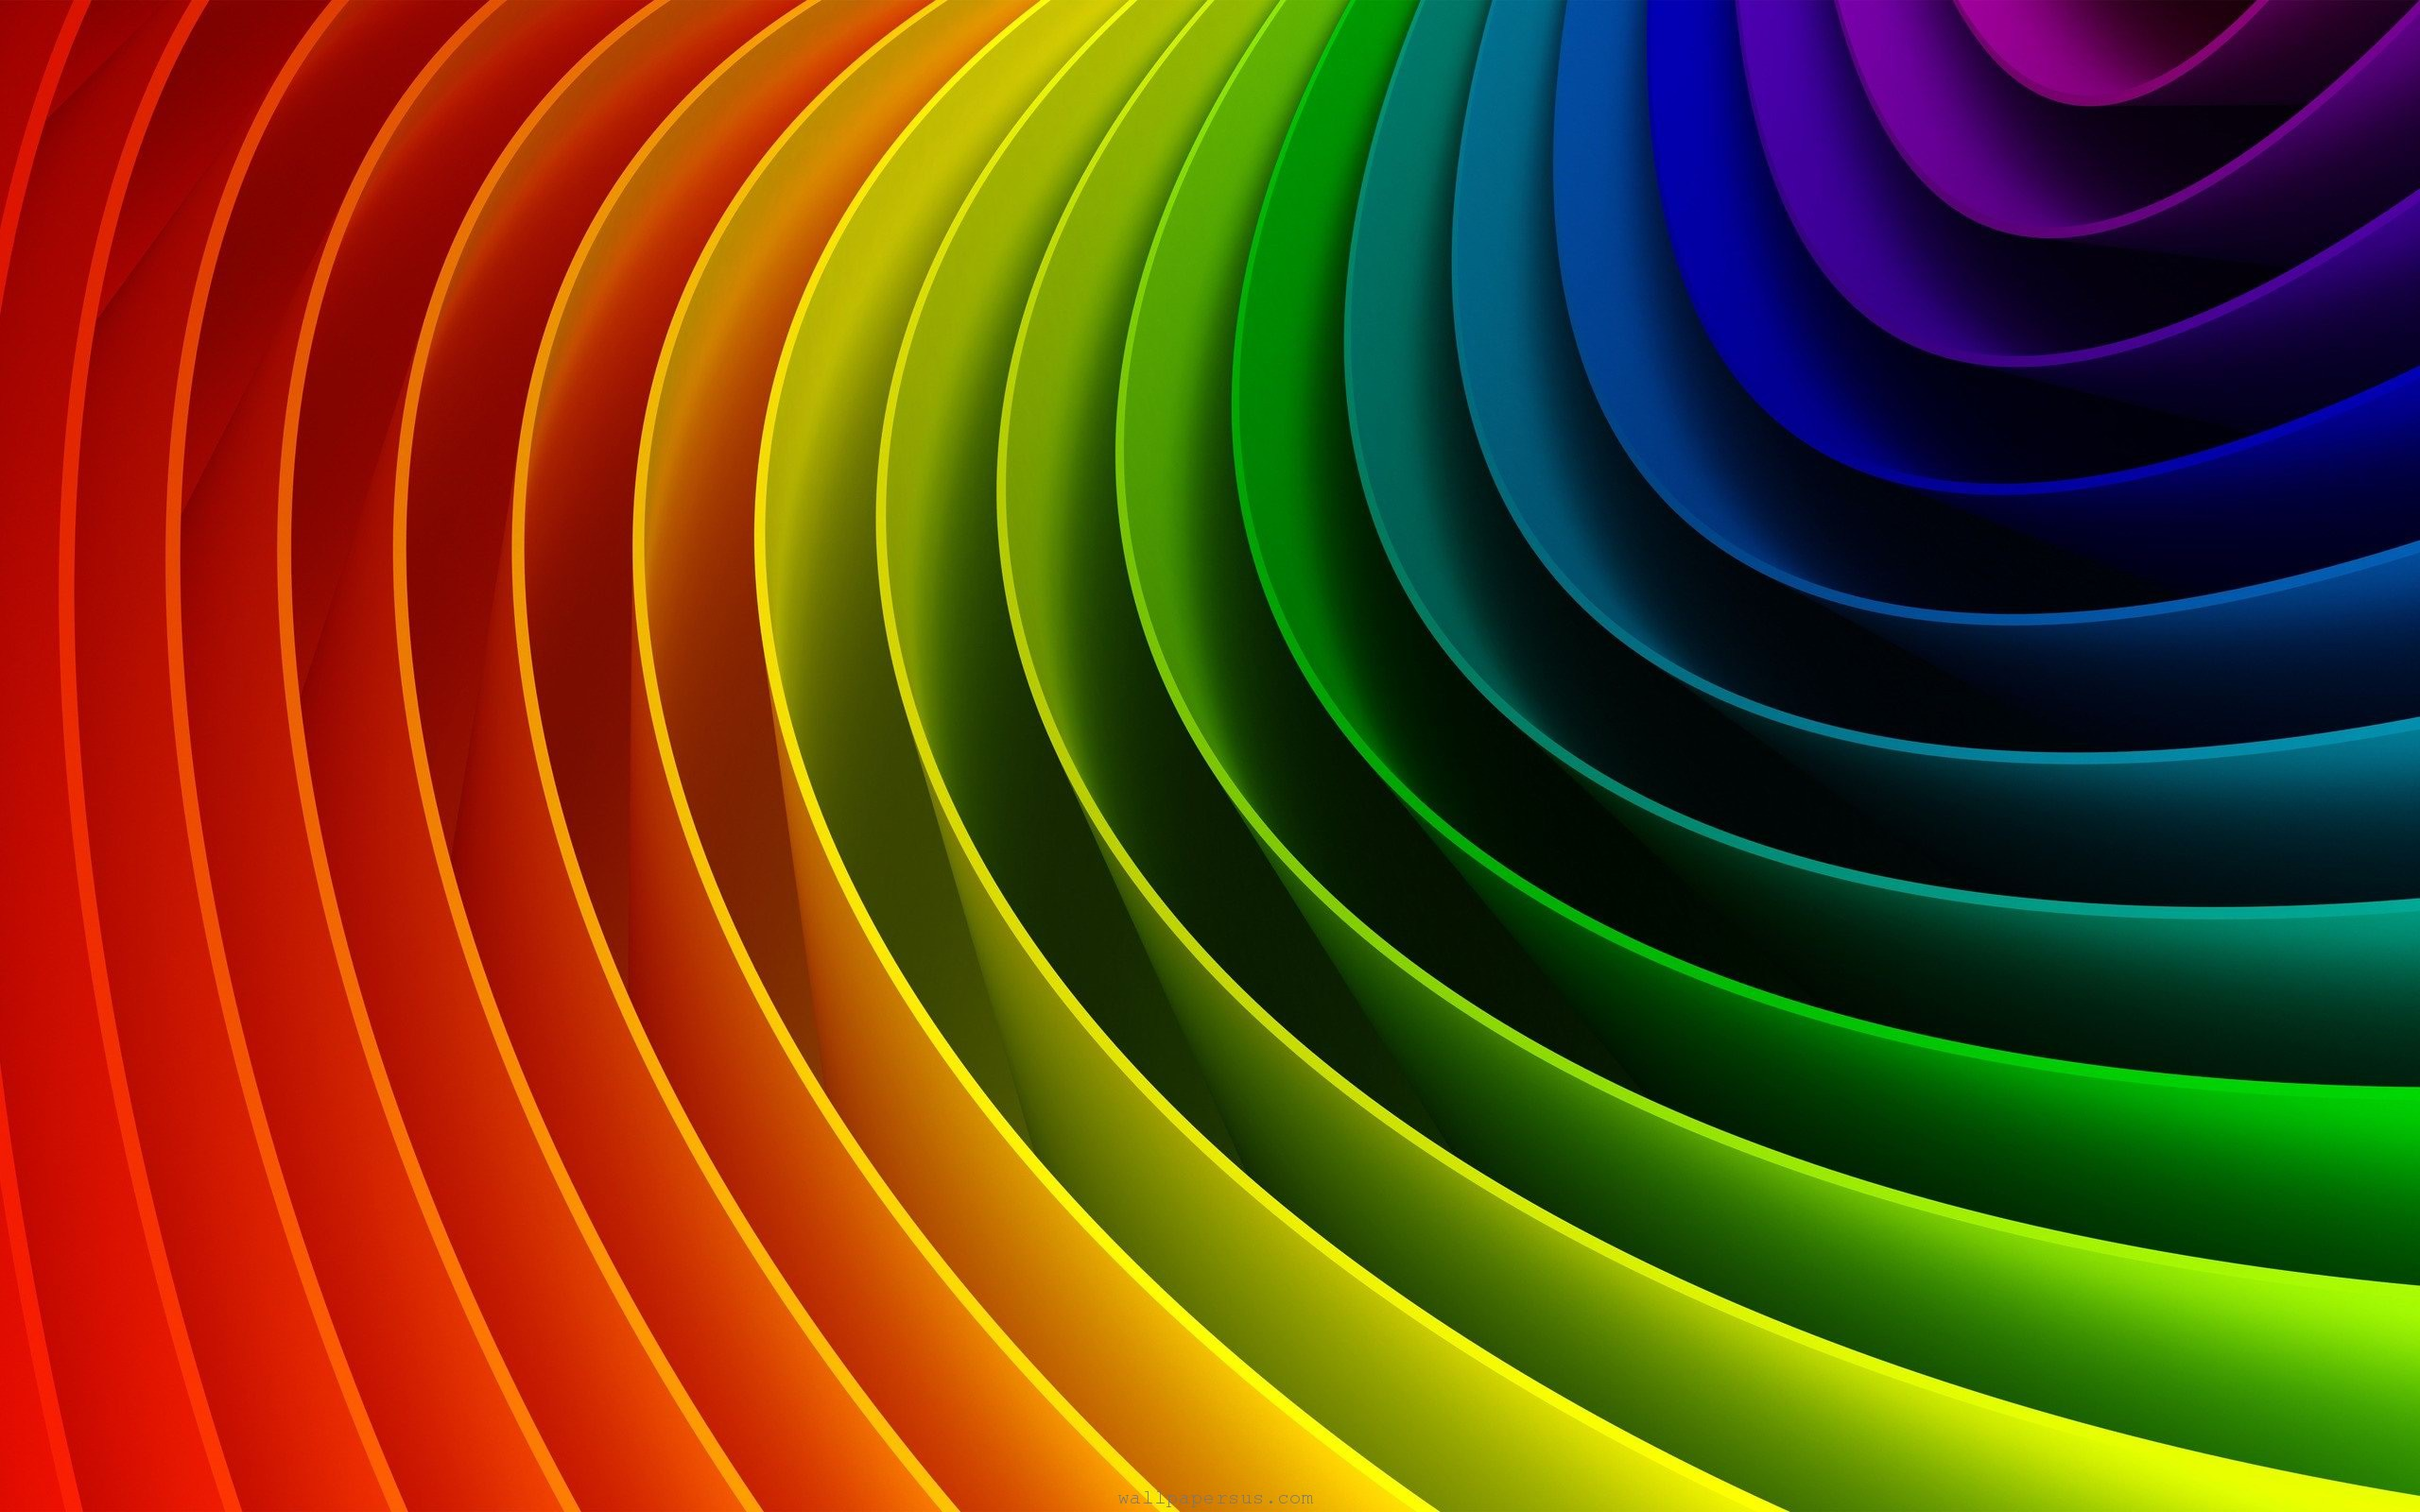 Abstract Colorful Desktop Wallpaper - WallpaperSafari